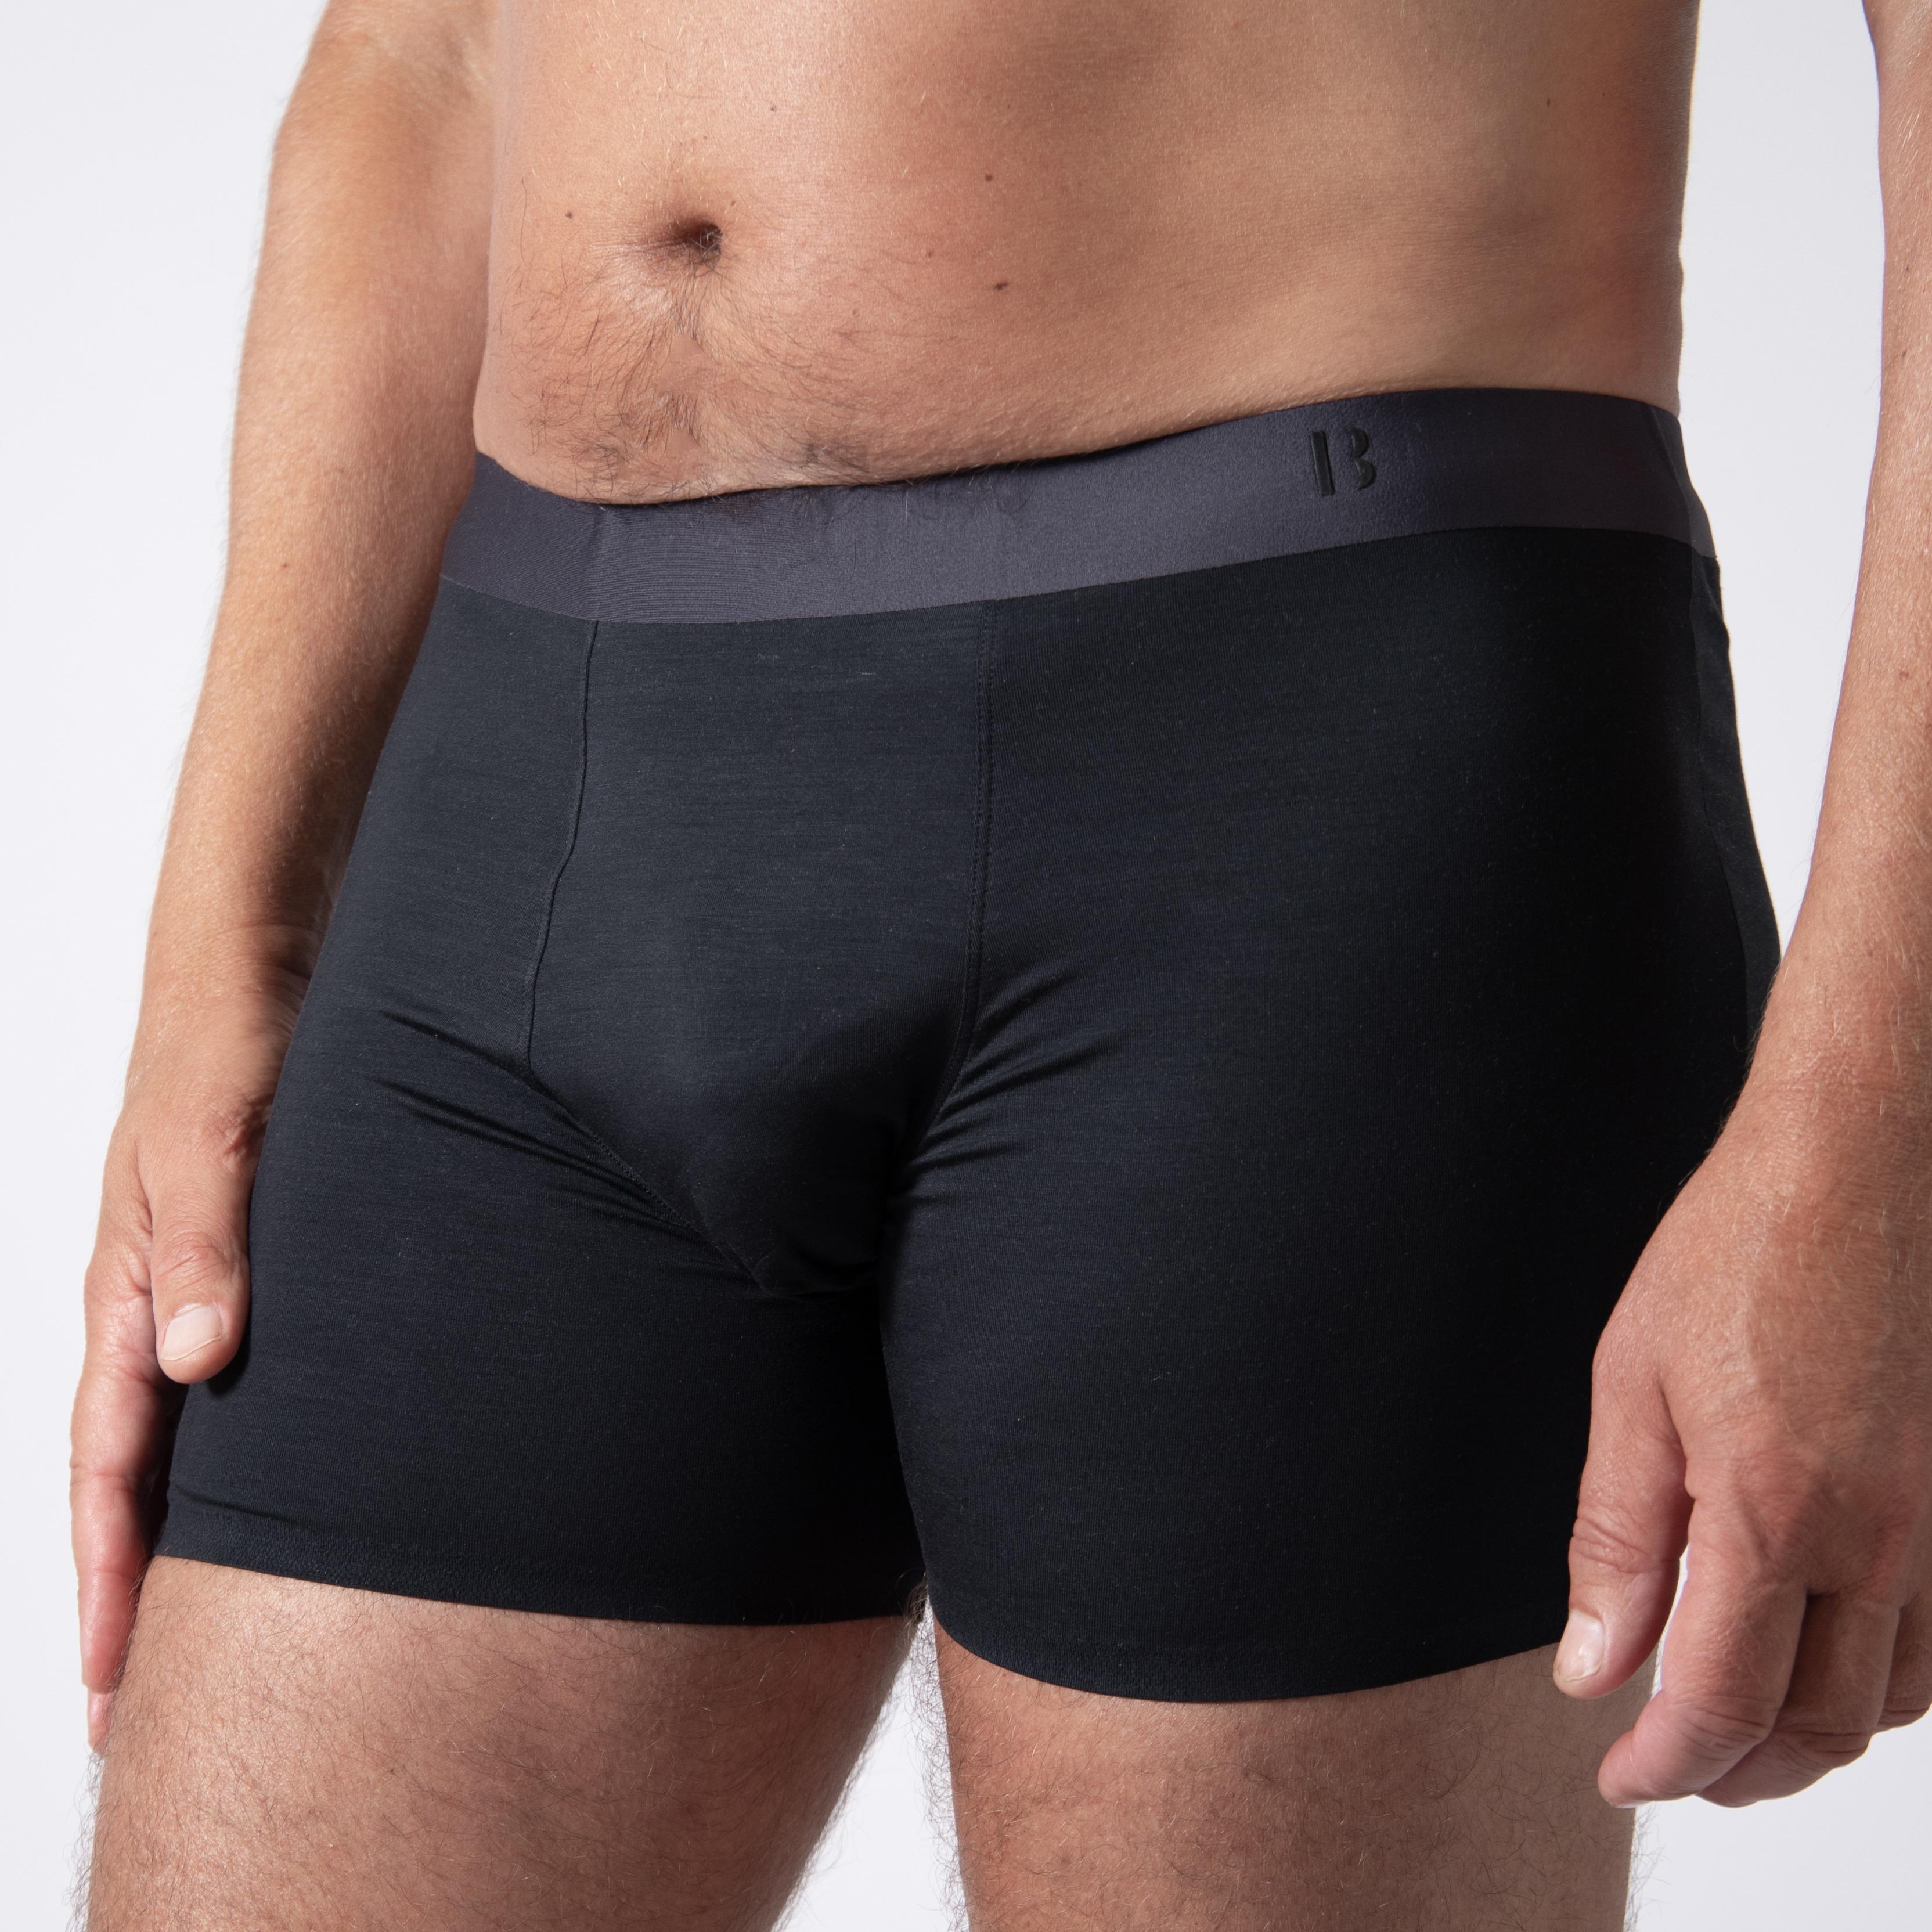 Hvor ofte skal undertøj udskiftes?